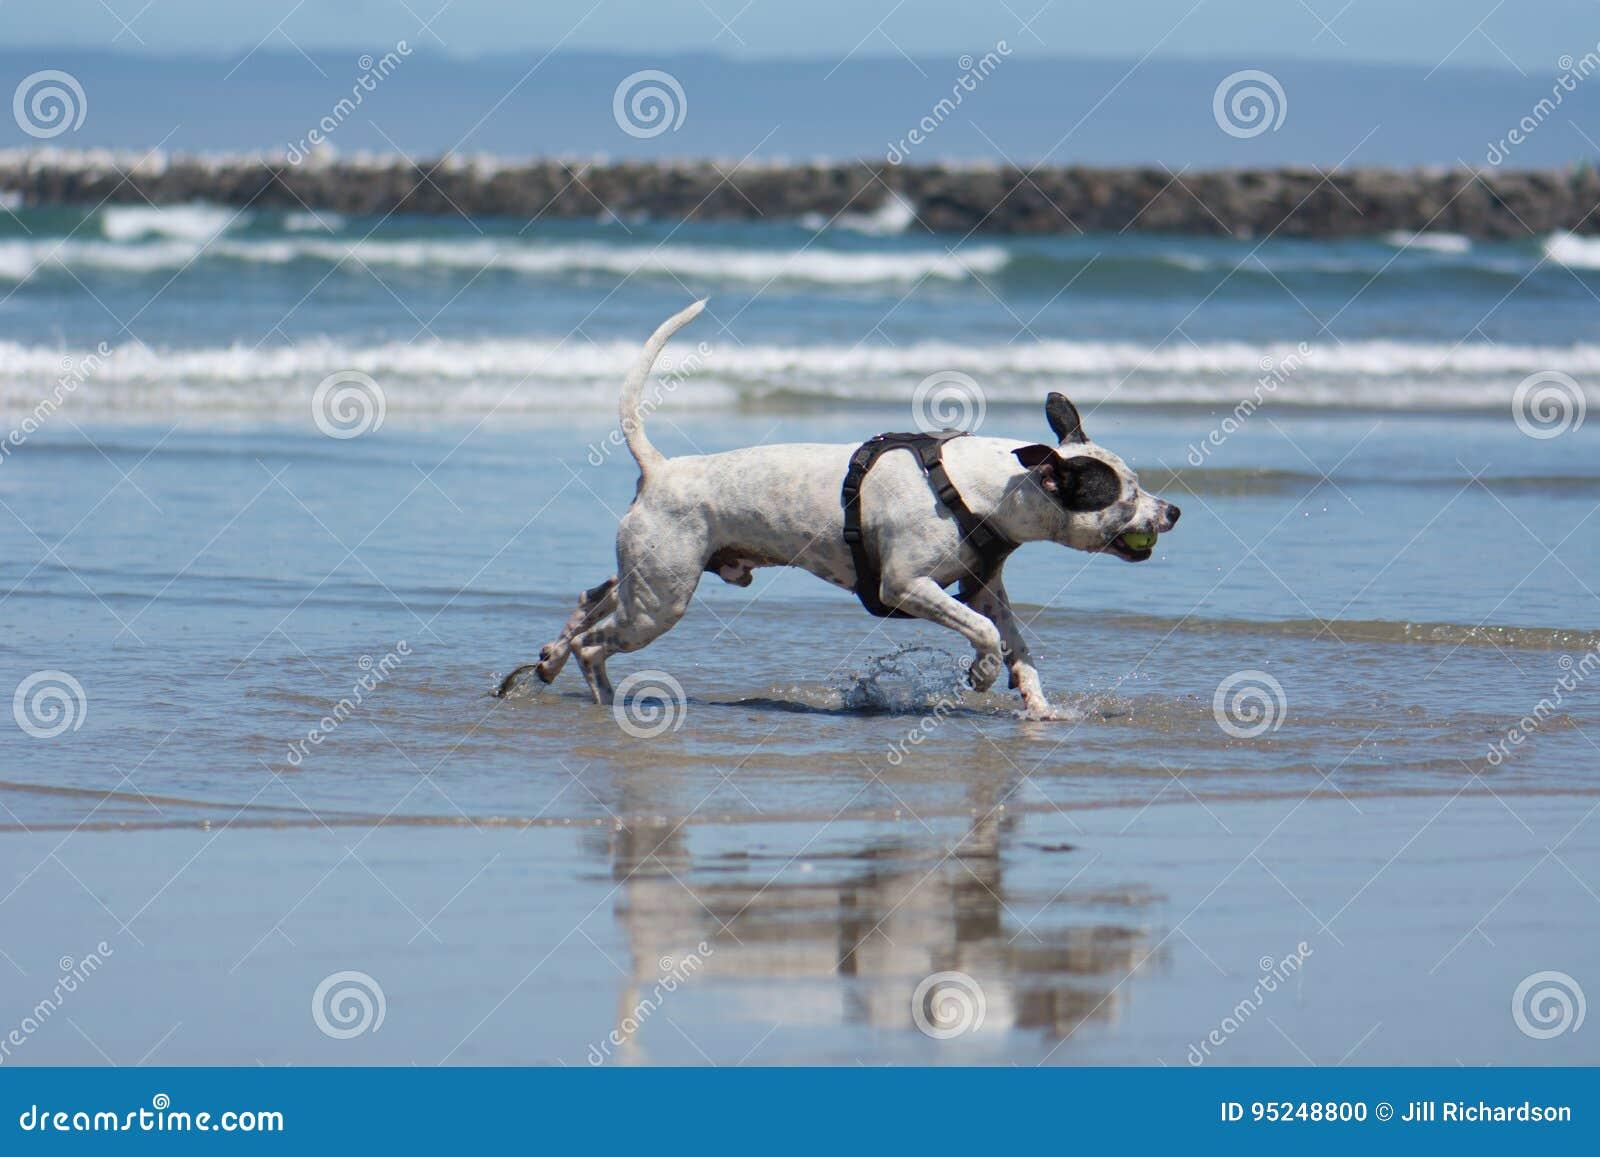 Pit Bull Dog Playing Fetch in Ocean. San Diego Dog Beach